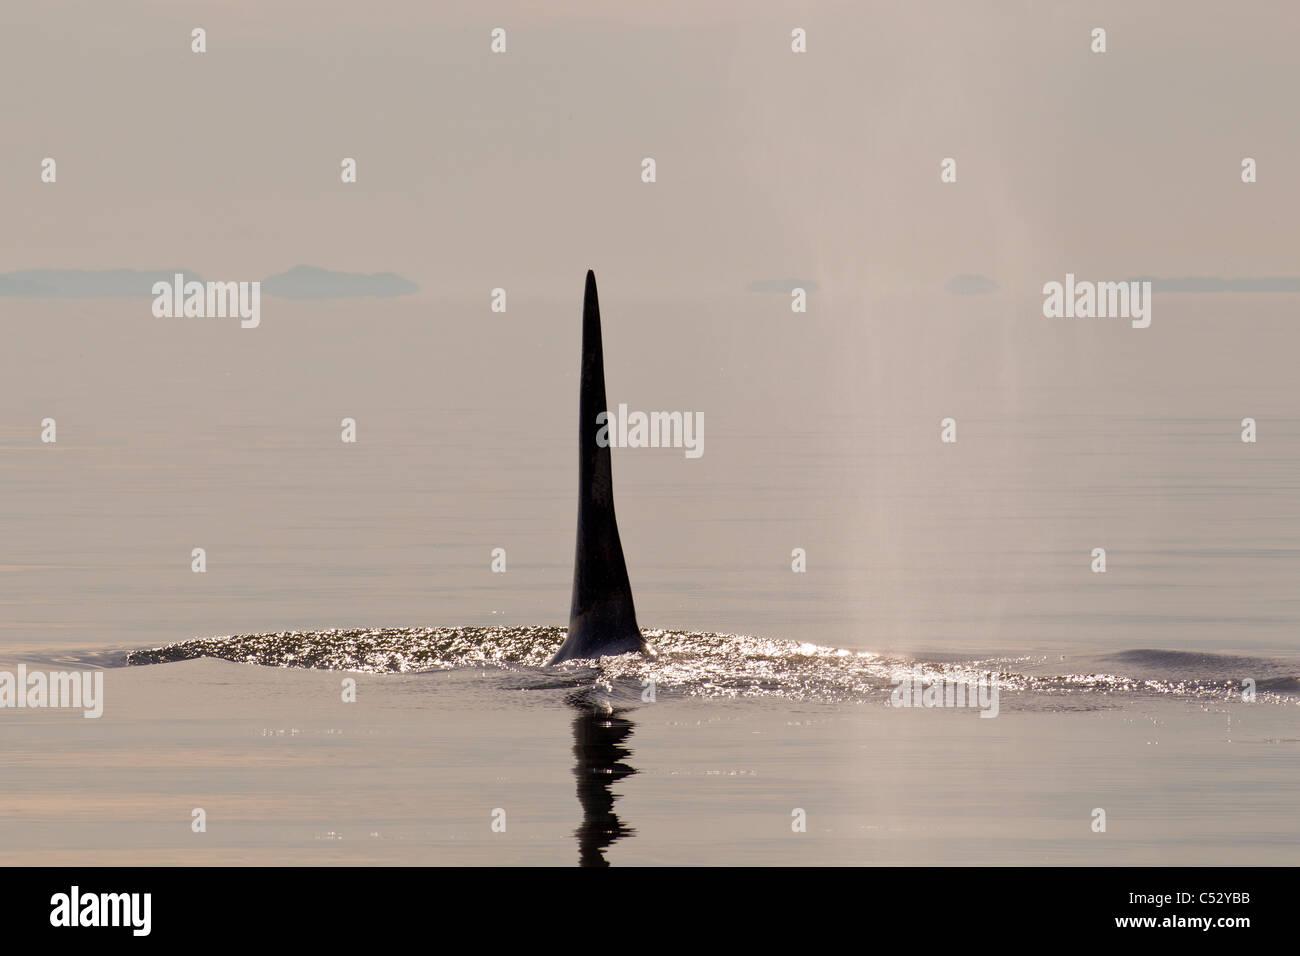 Tall aleta dorsal de una Orca macho adulto grande aflora en el Estrecho de Chatham al atardecer, dentro del pasaje, Imagen De Stock